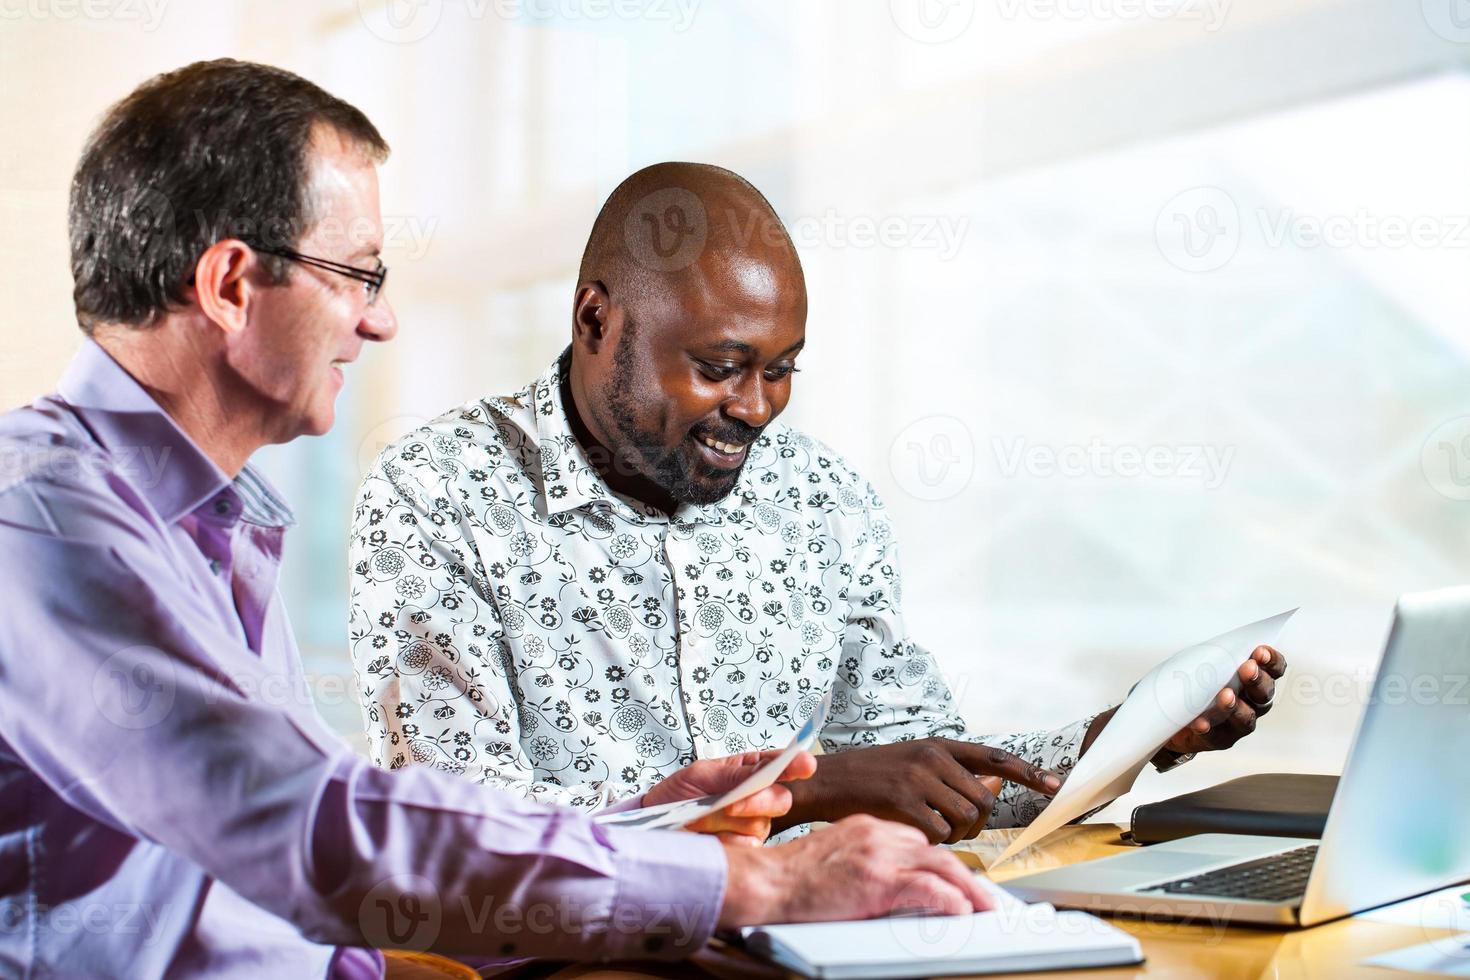 olika affärspartners som arbetar tillsammans. foto